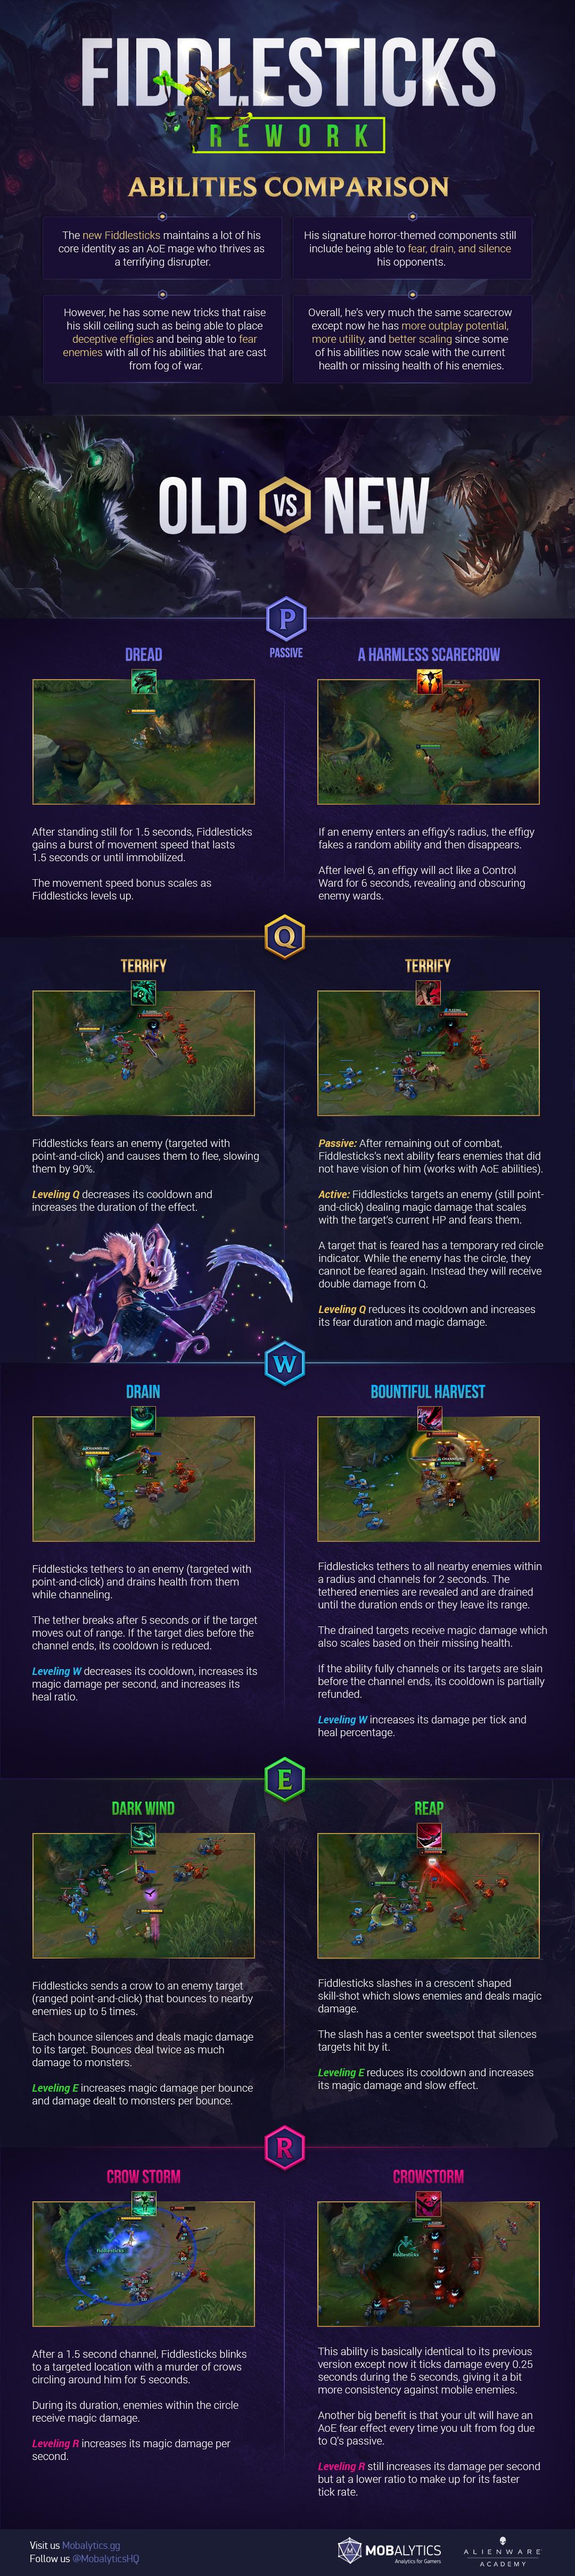 fiddlesticks infographic for blog